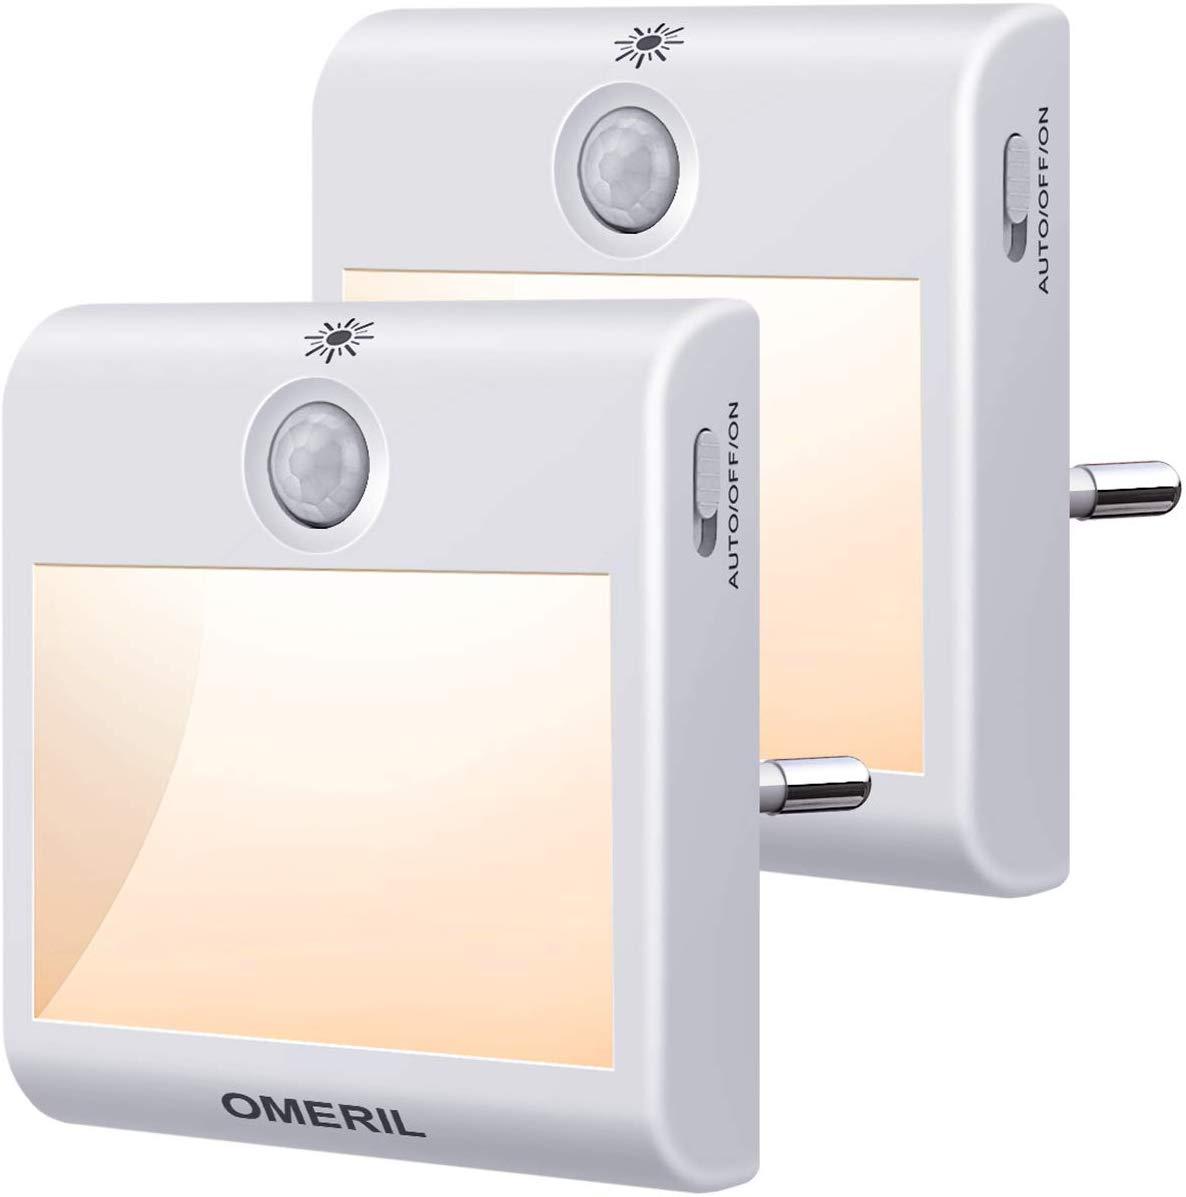 Pack-dos-luces-nocturnas-con-sensor-de-movimiento-y-sensor-de-luz-OMERIL.jpg